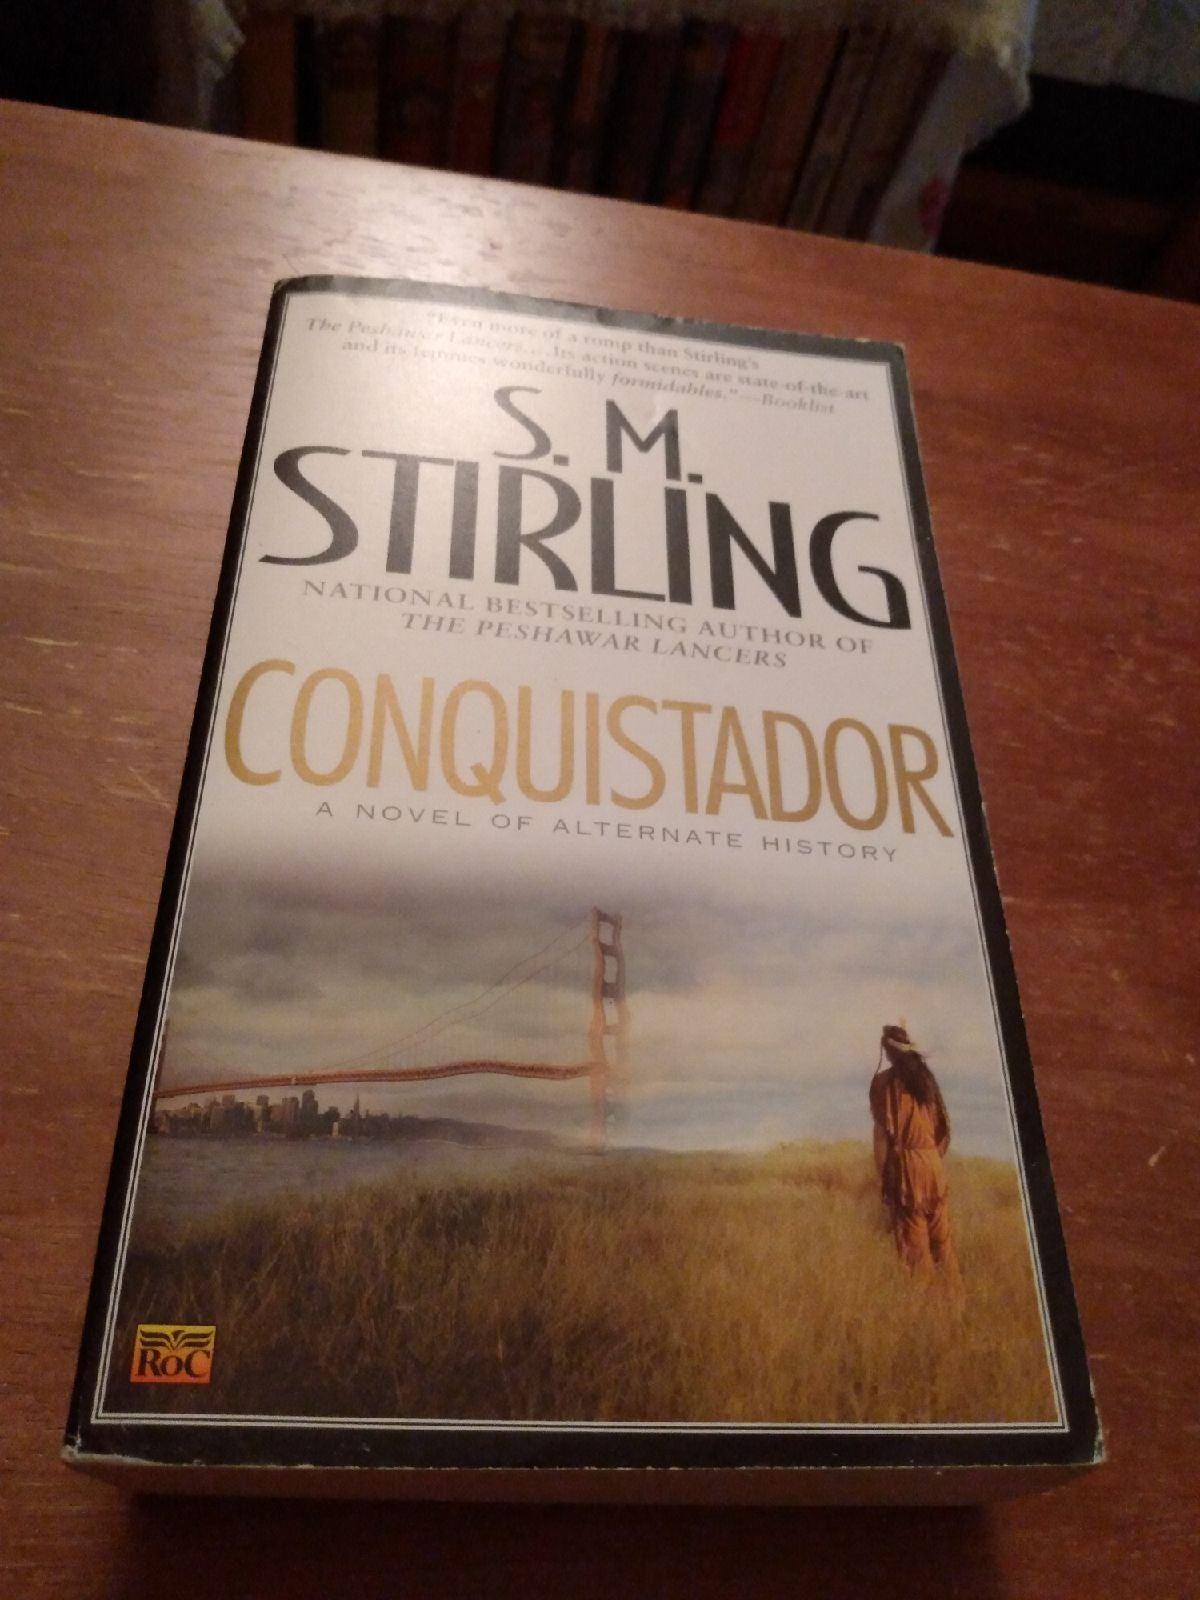 S.m. Stirling conquistador